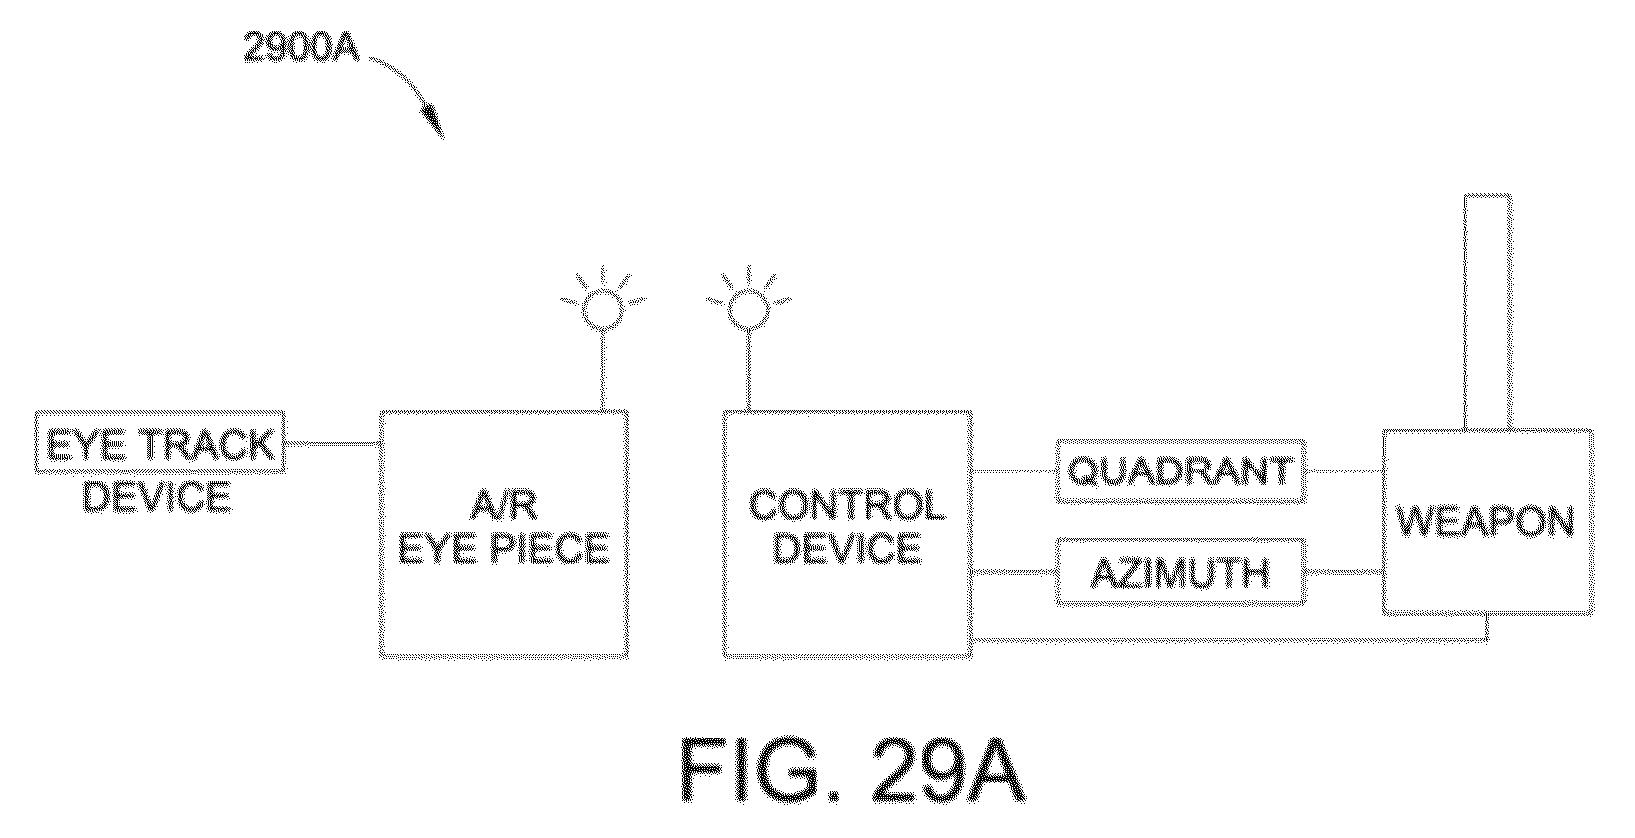 fd10014f4d6a ... Patent images ...